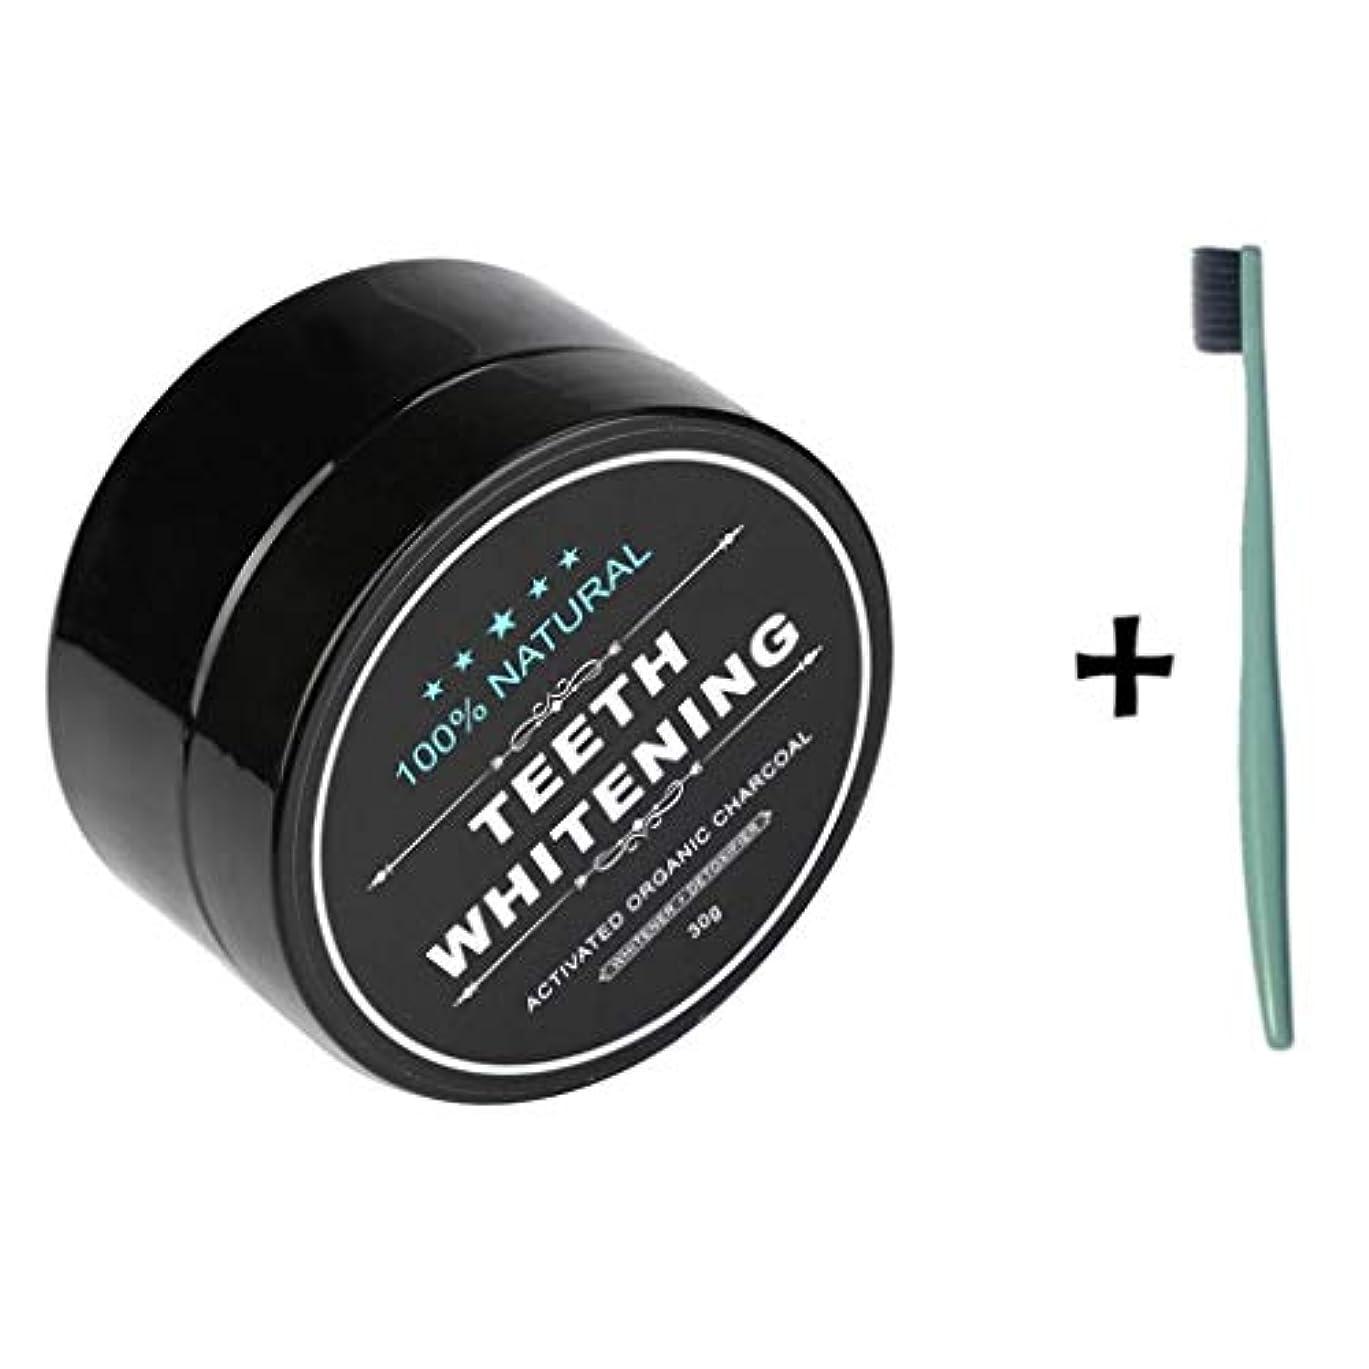 無条件ナプキンオーブンTopFires 歯磨きパウダー 竹炭歯ブラシ ホワイトニング 口腔衛生 ブラシ付け 30g